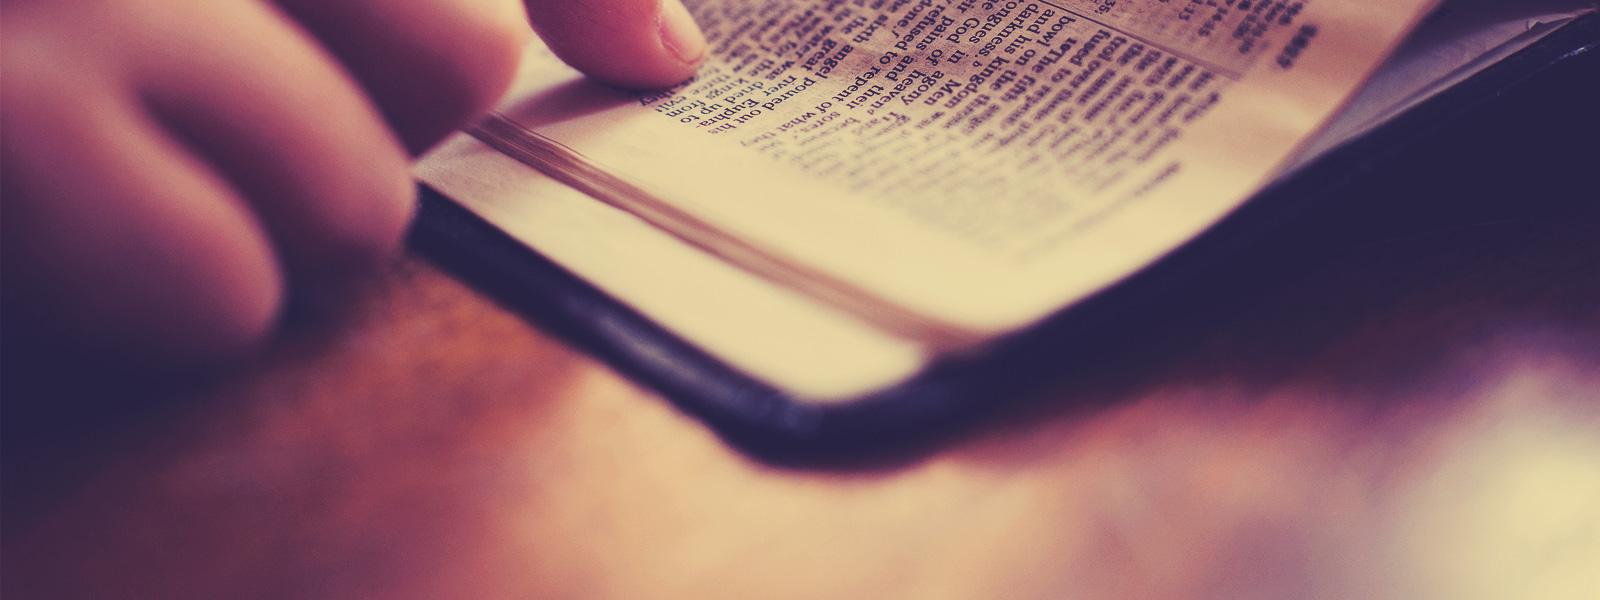 devoir obéissance fidélité